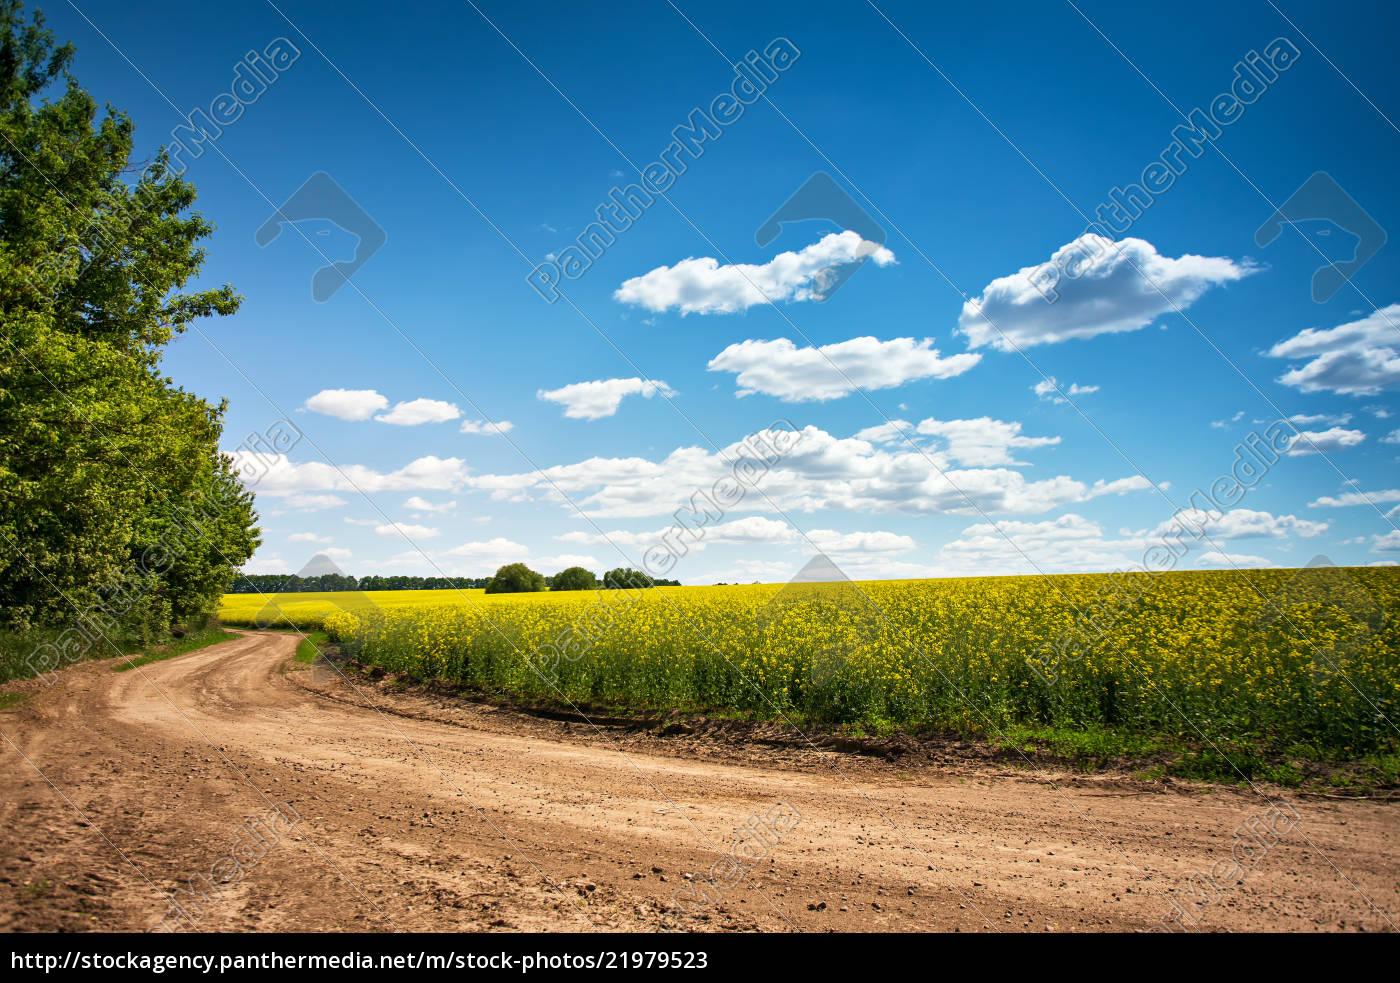 schotterstraße, im, blühenden, feld, schöne, landschaft, sonniger, tag - 21979523